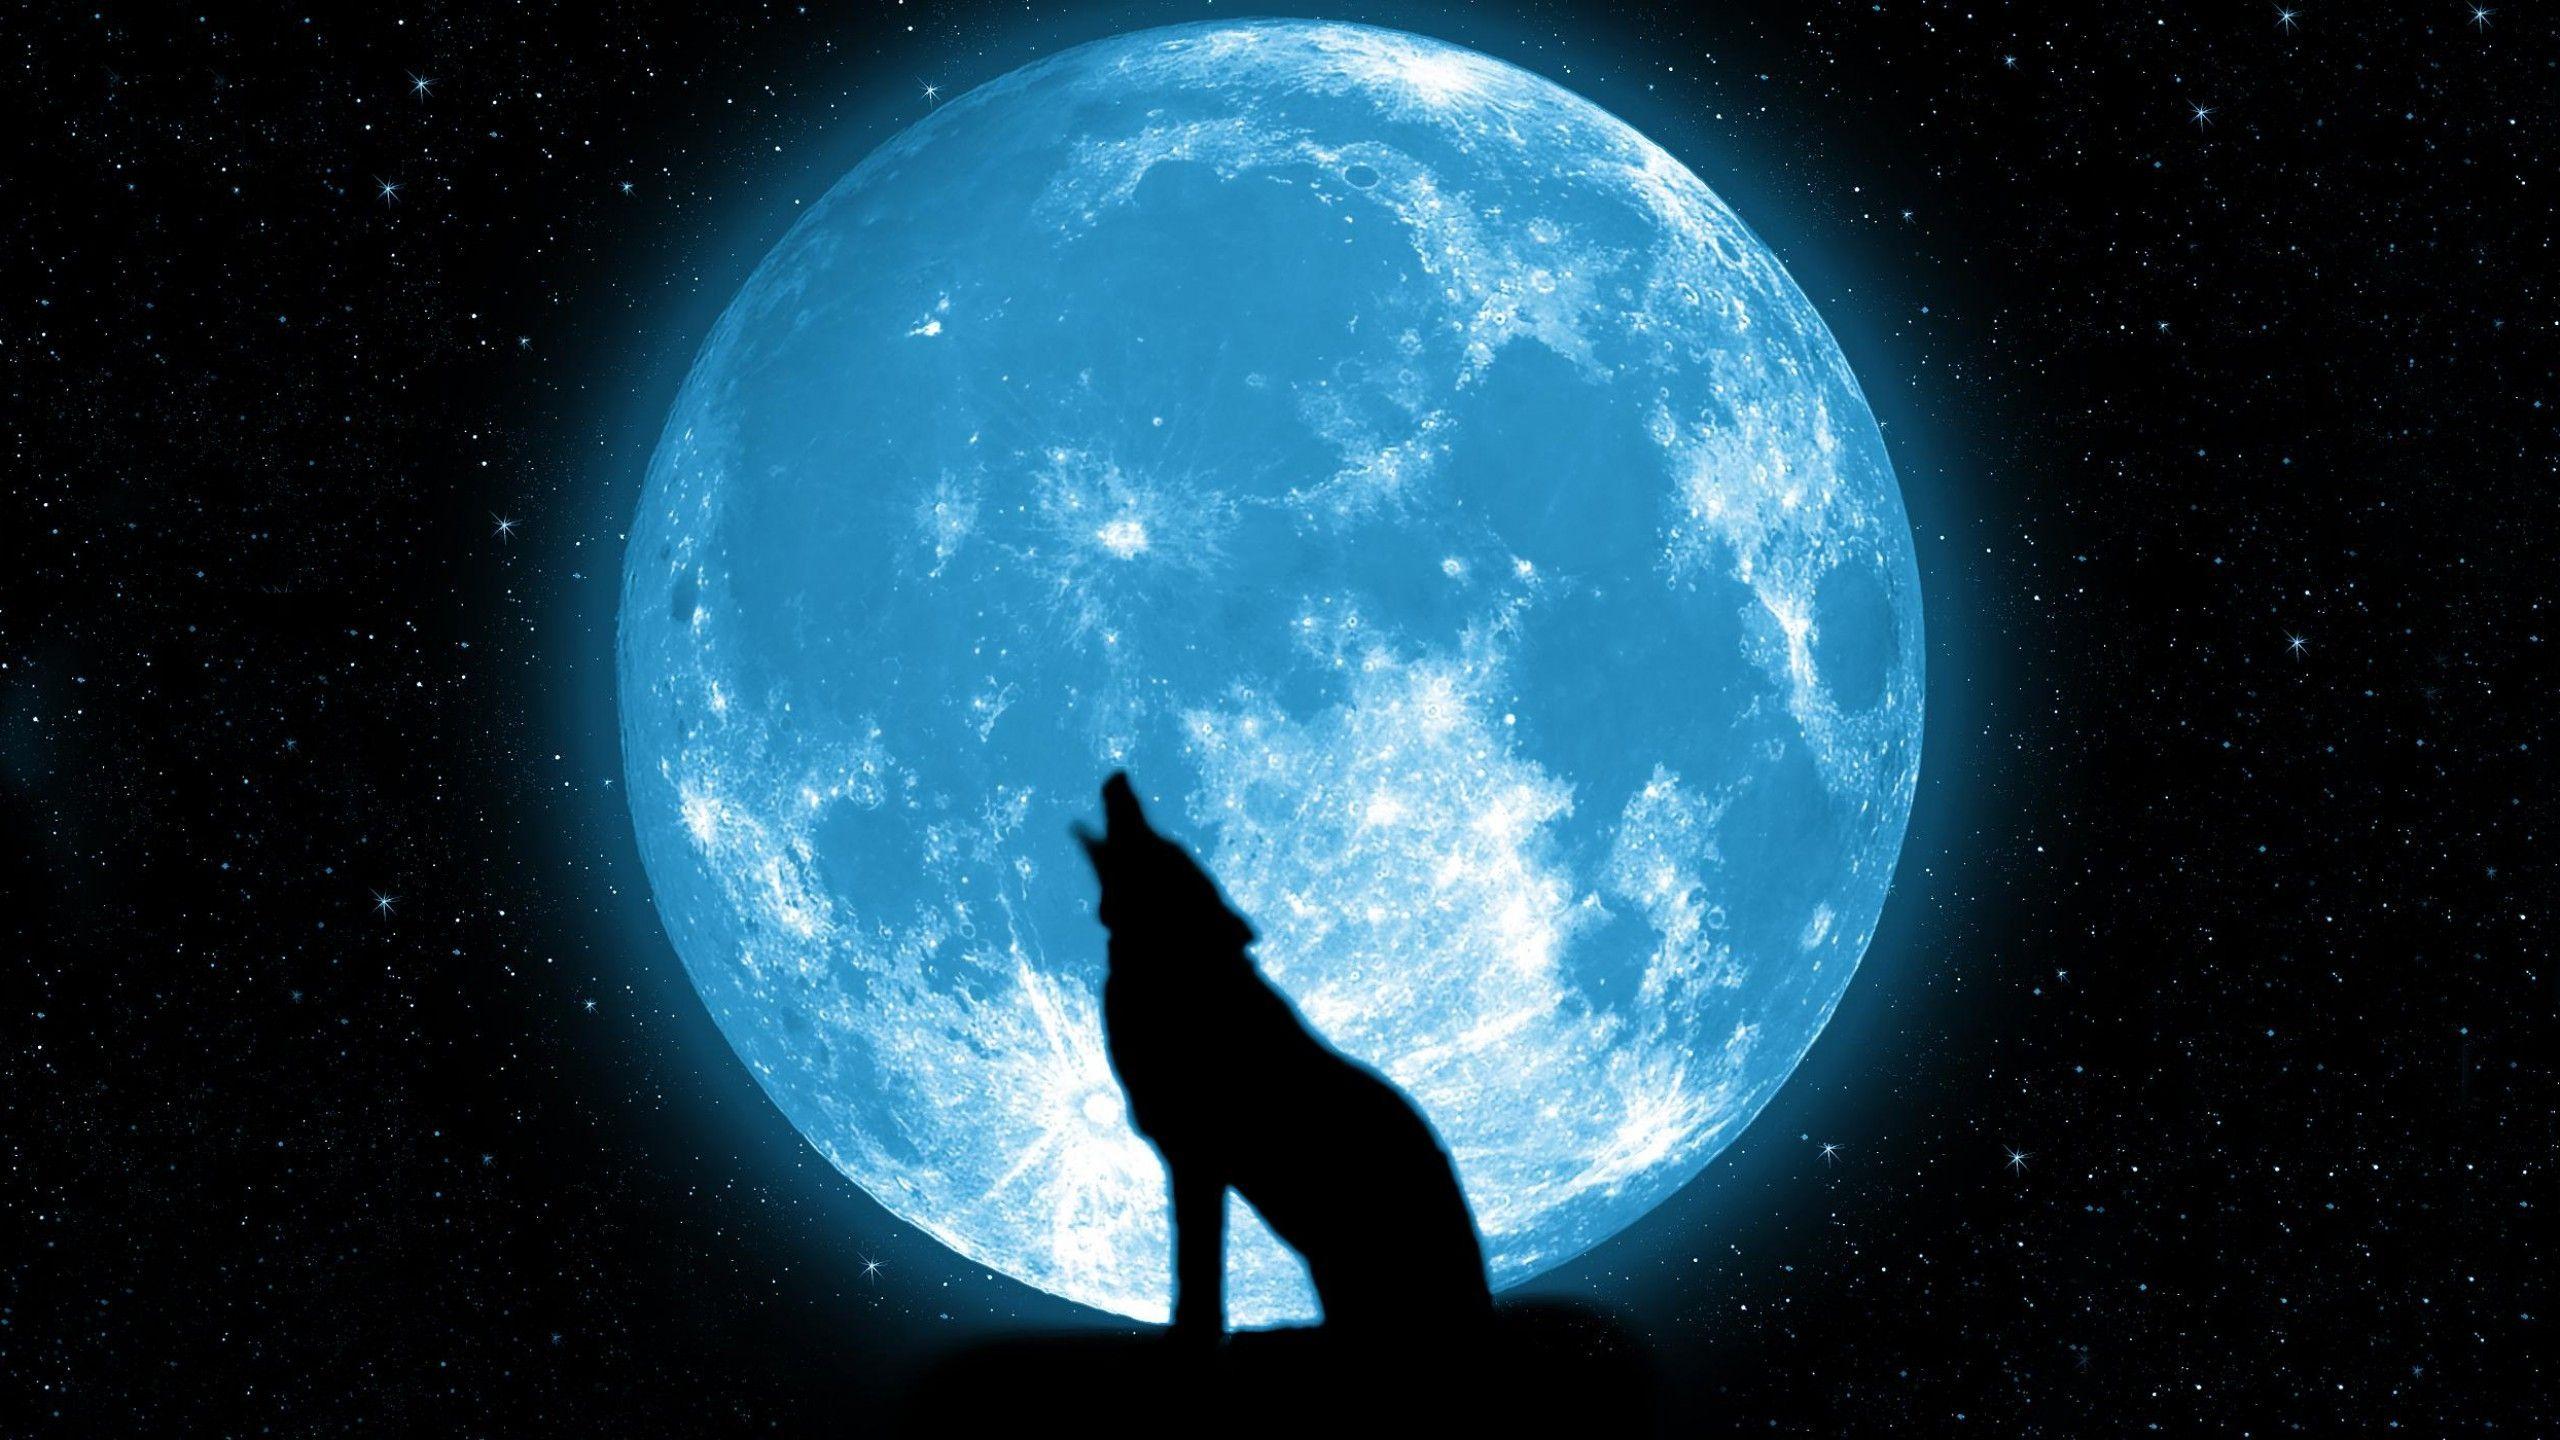 Howling Wolf Wallpapers Widescreen For Desktop Wallpaper